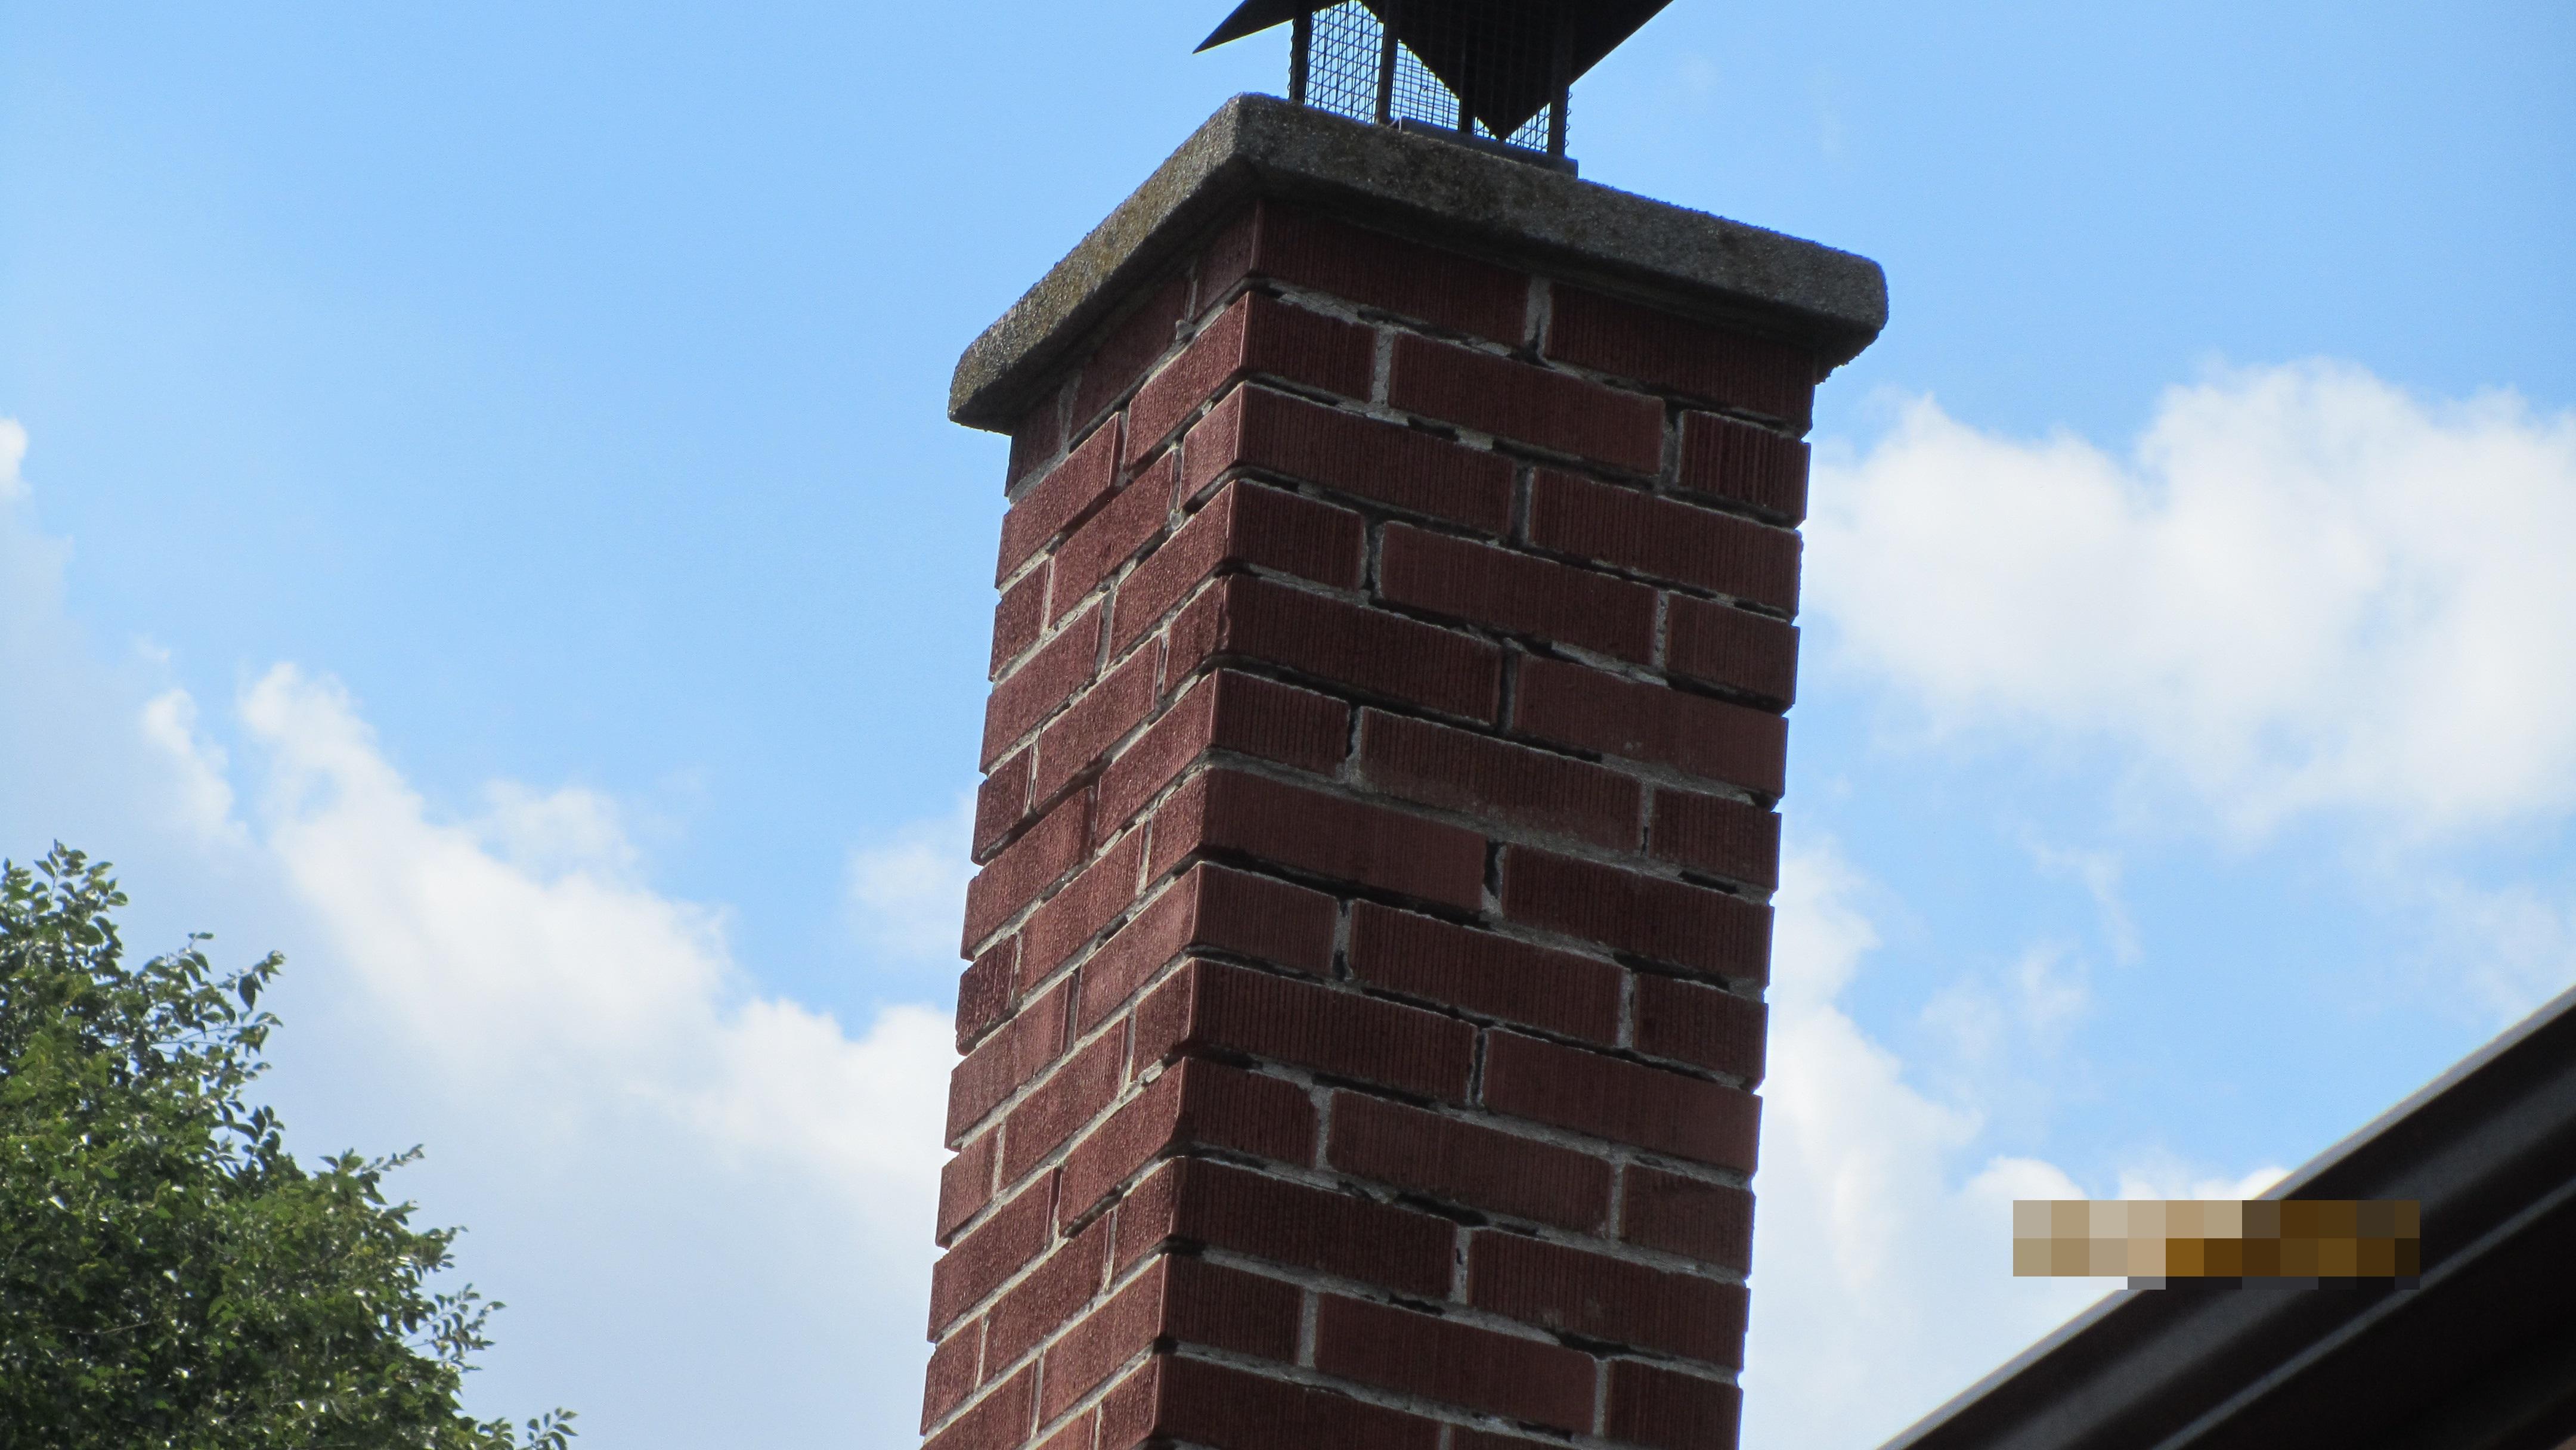 Masonry chimney mortar missing, safety hazard